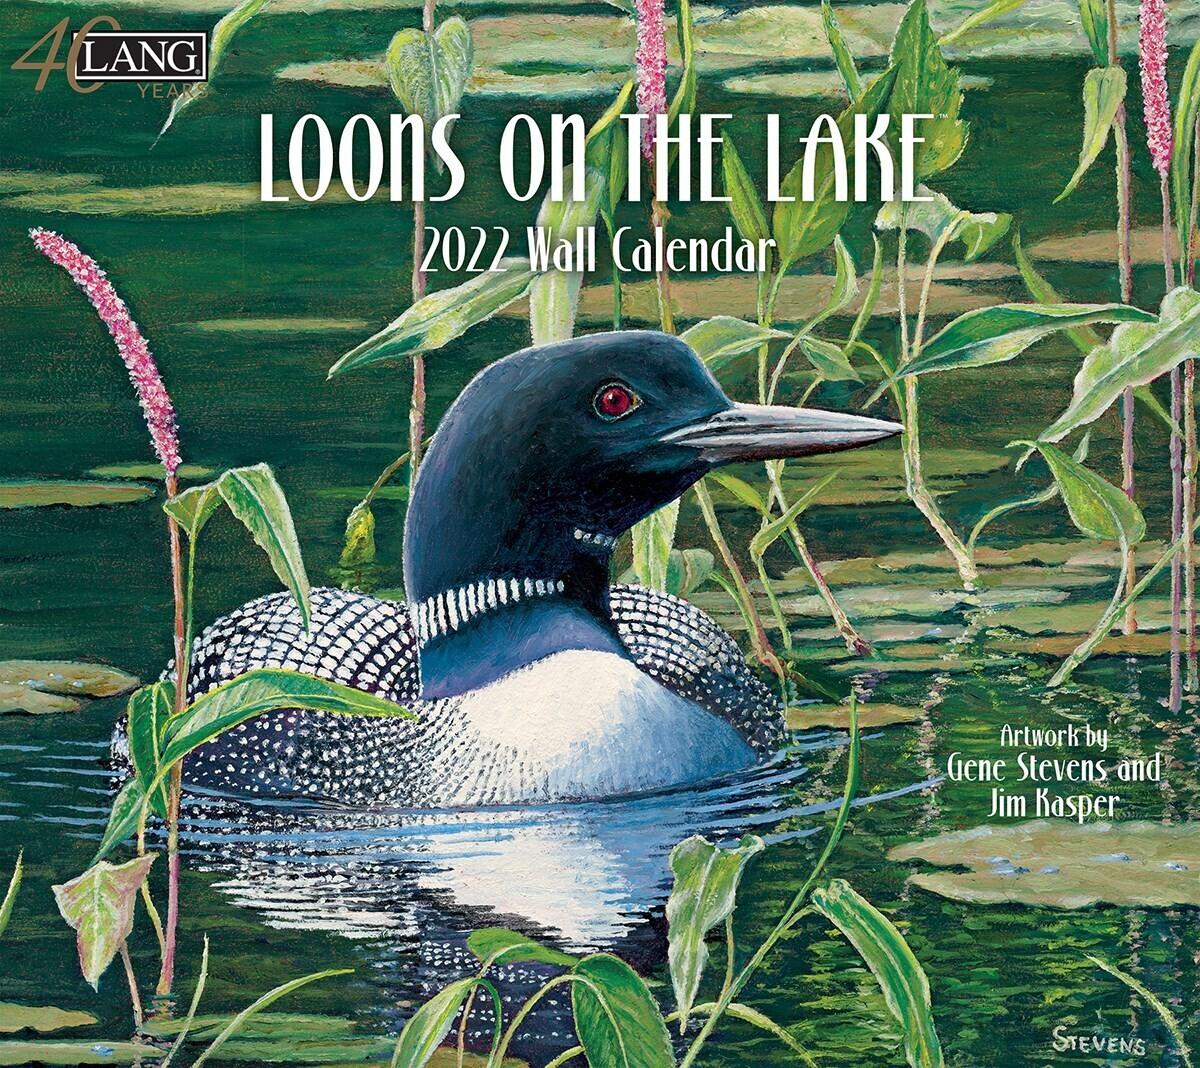 Lang Calendar - Loons on the Lake - Gene Stevens and Jim Kasper